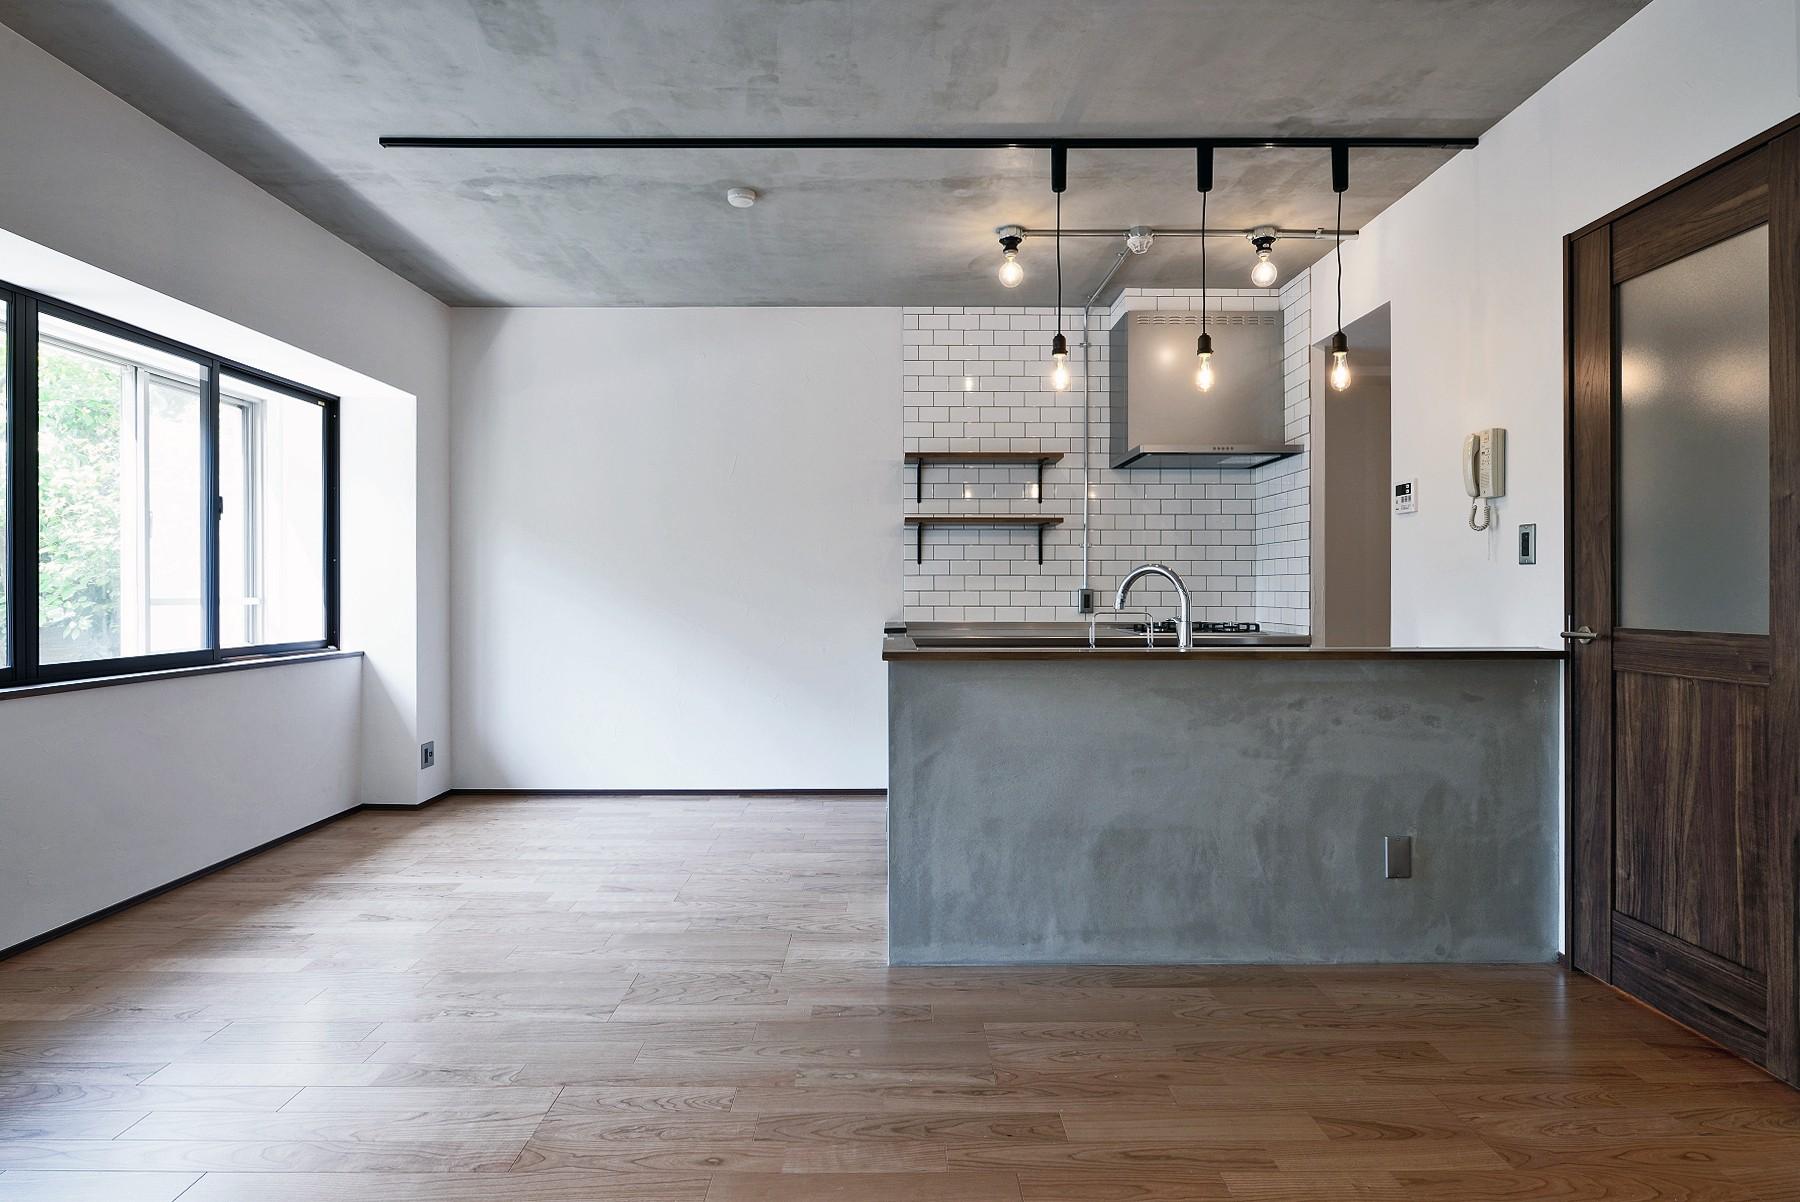 リビングダイニング事例:リビングダイニング(壁・天井もキッチンカウンターもモルタル仕上げの無骨でラフなマンションリノベーション)